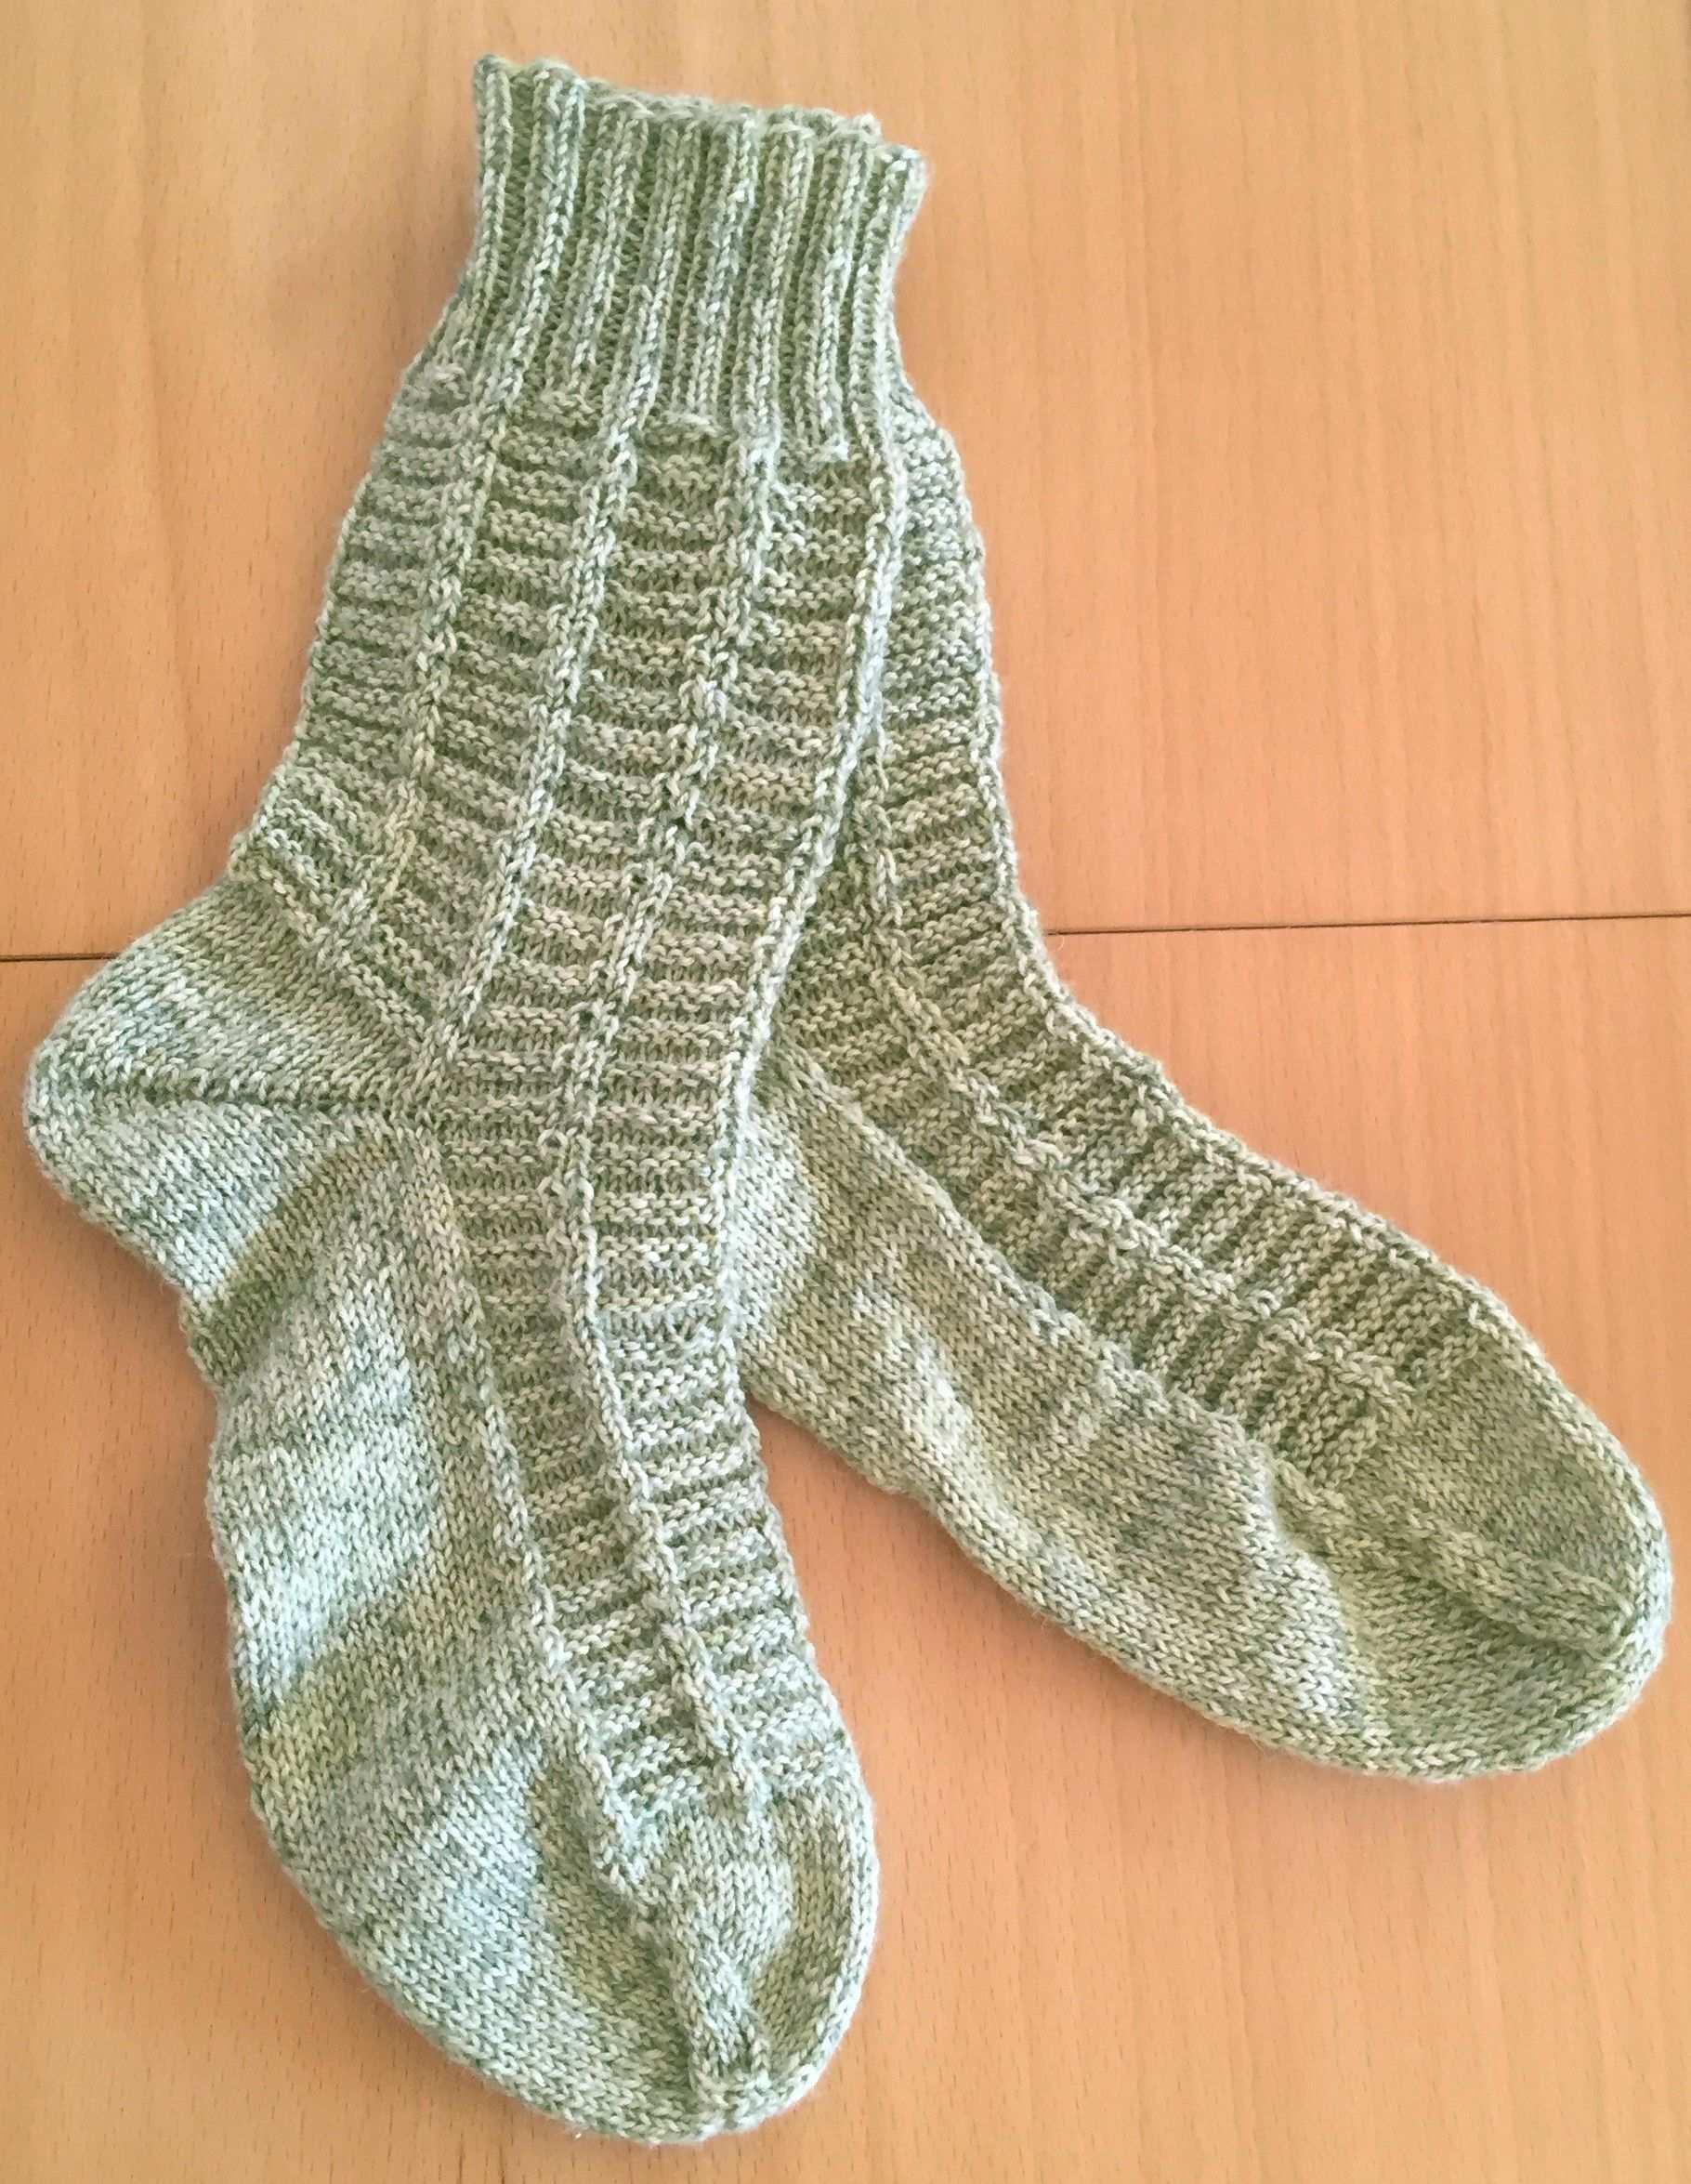 Diese Socken Stricken Sich Ganz Flink Das Muster Hat Man Schnell Intus Und Muss Nicht Auf Die Socken Stricken Socken Stricken Muster Socken Stricken Anleitung